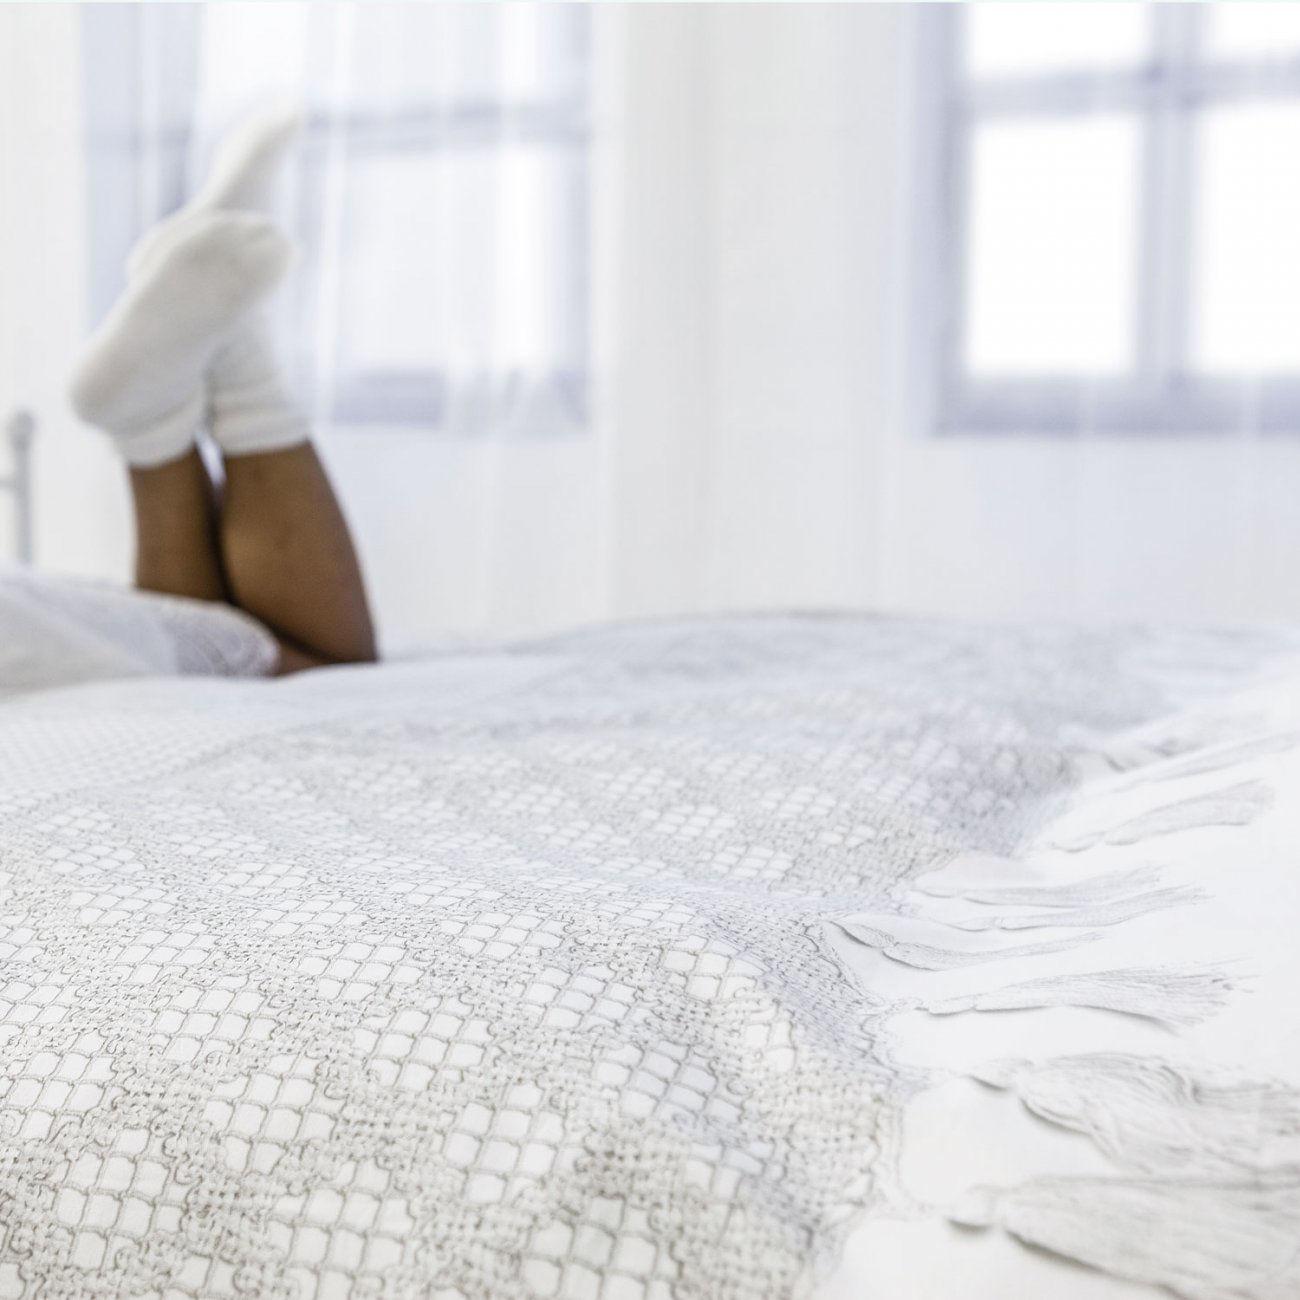 parure de lit 2 personnes venice 240 x 220 cm cochet blanc snurk made in design. Black Bedroom Furniture Sets. Home Design Ideas